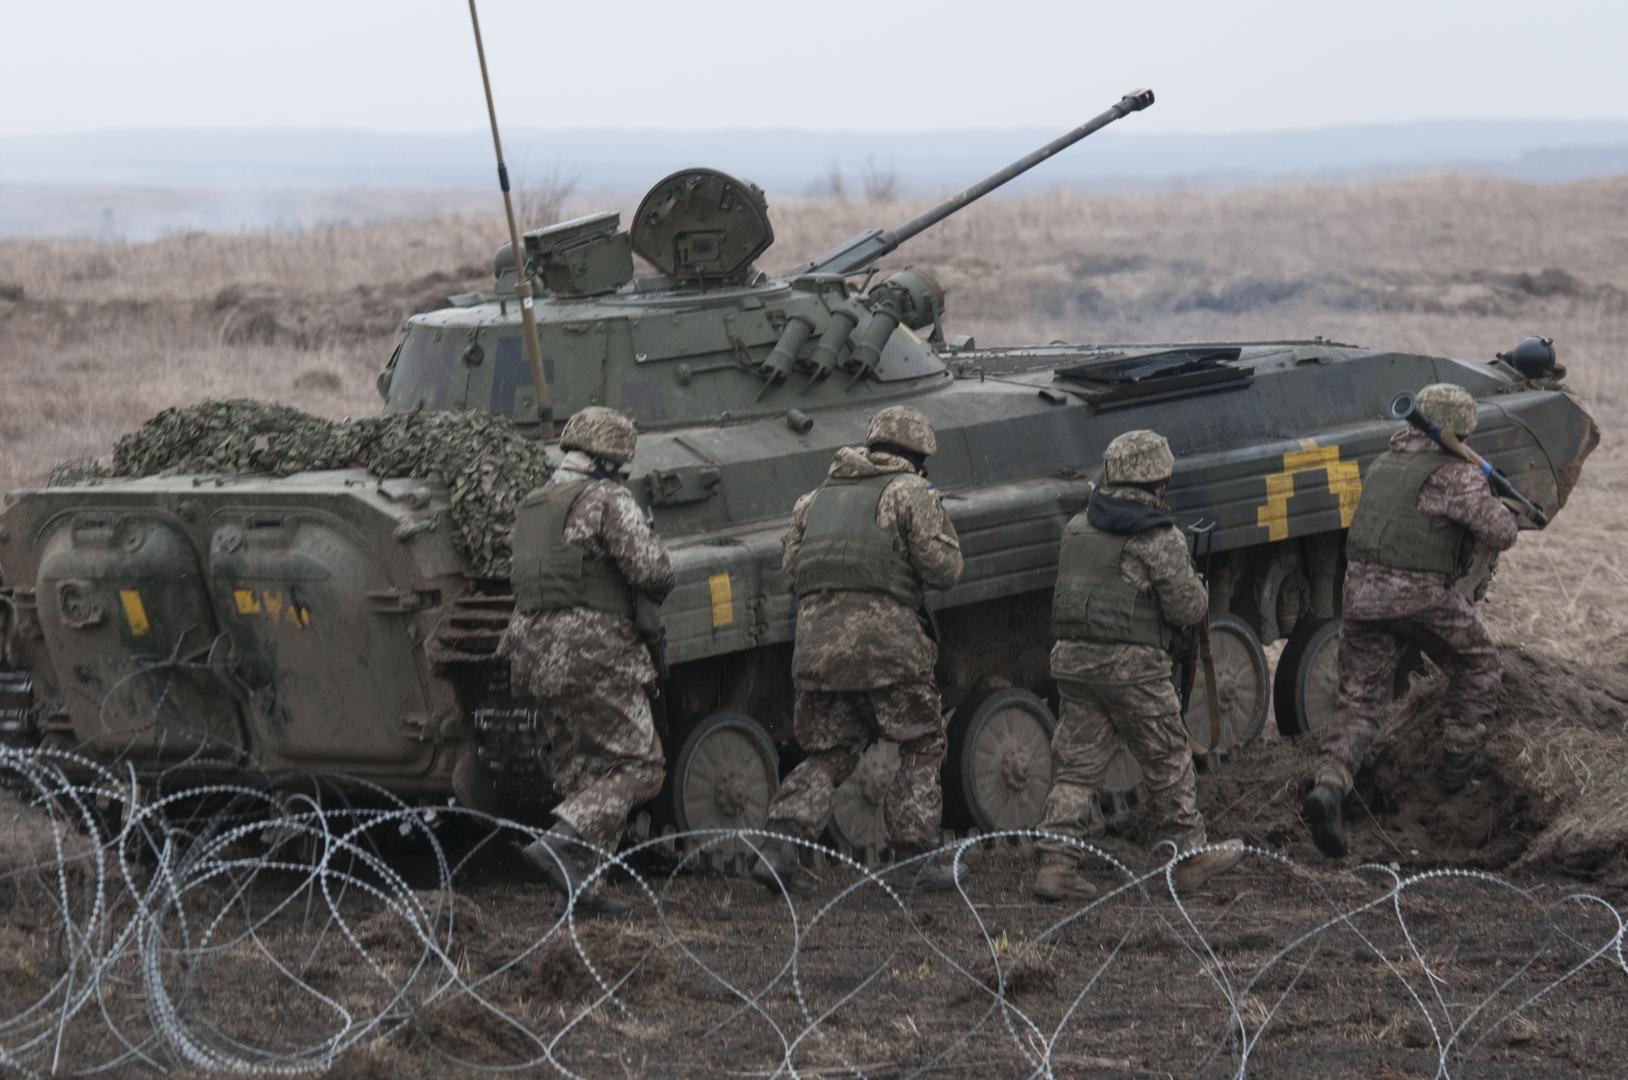 ВСУ обстреляли район села Яковлевка под Ясиноватой — СЦКК